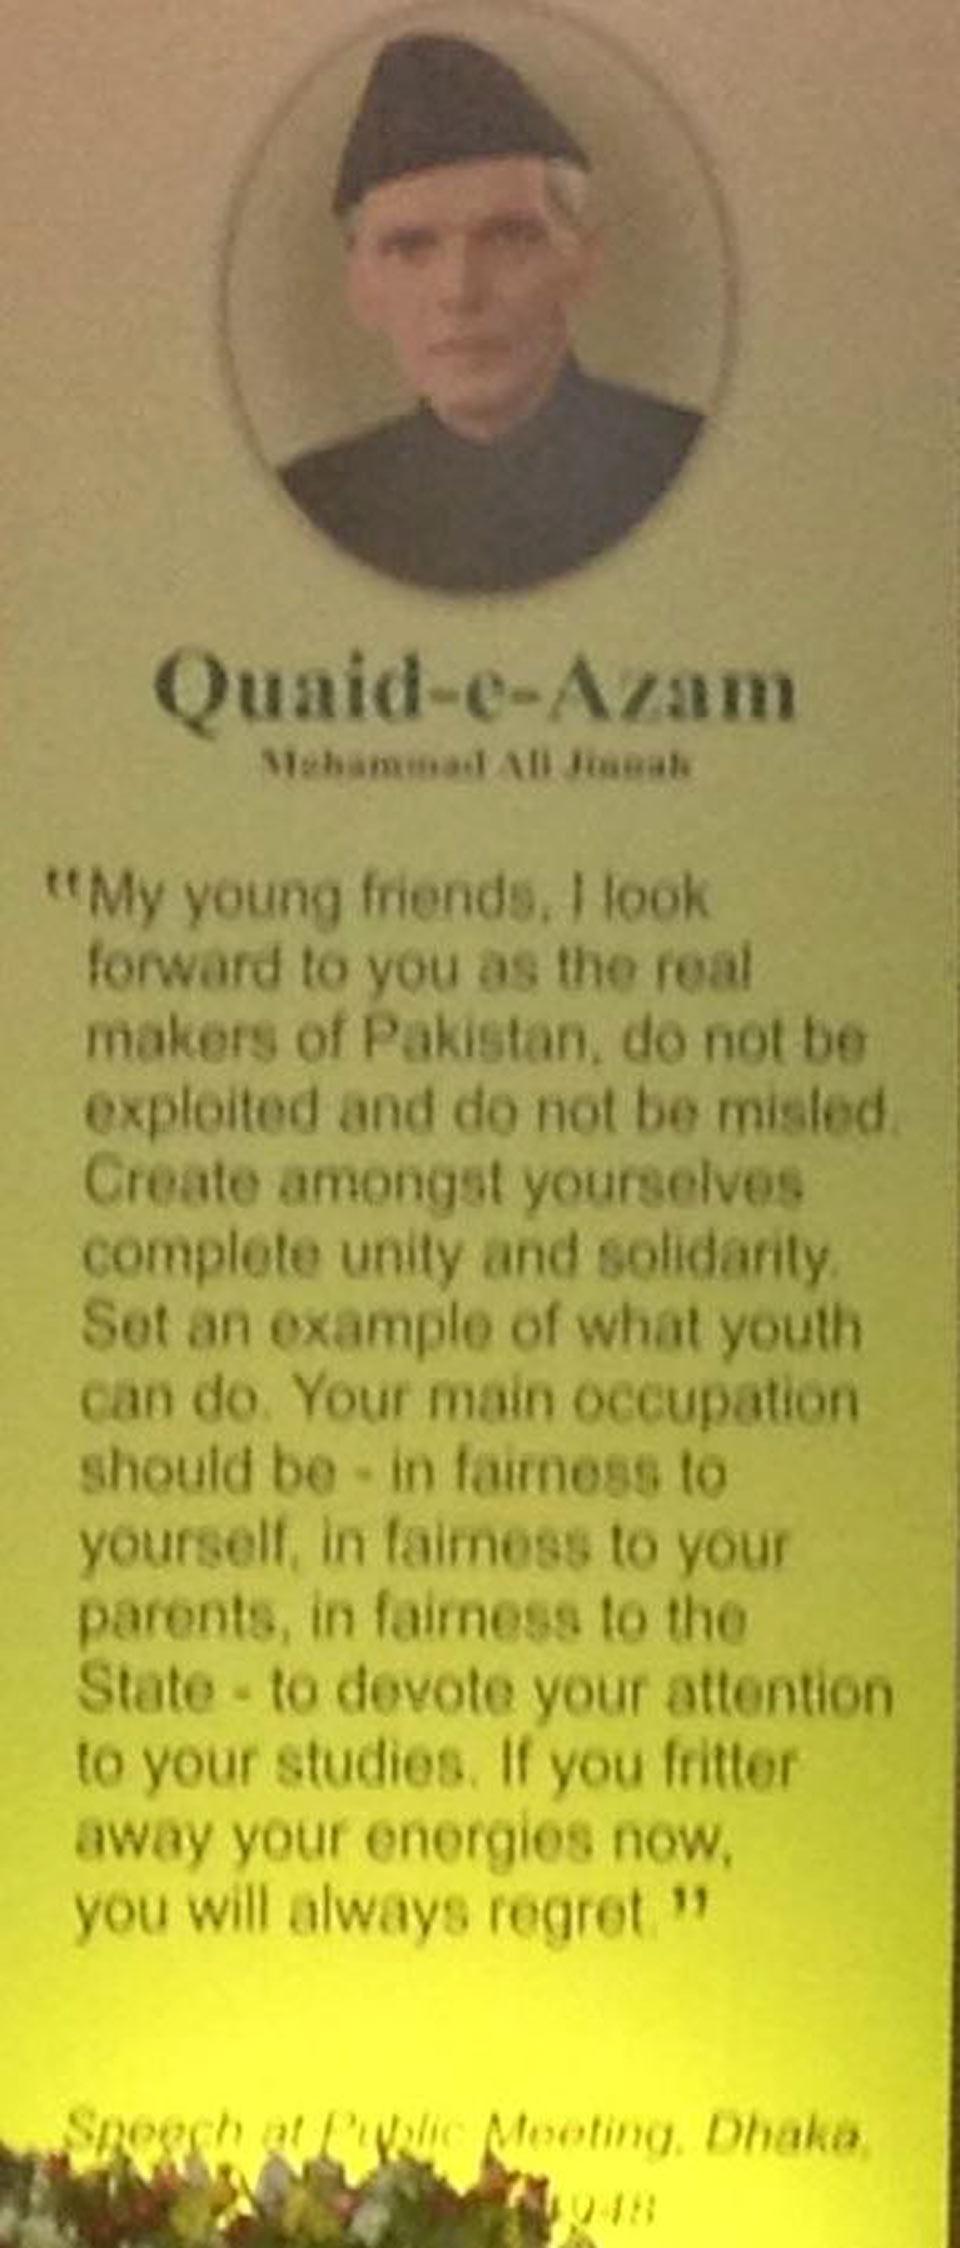 A public speech by Quaid-e-Azam in Dhaka East Pakistan in 1948